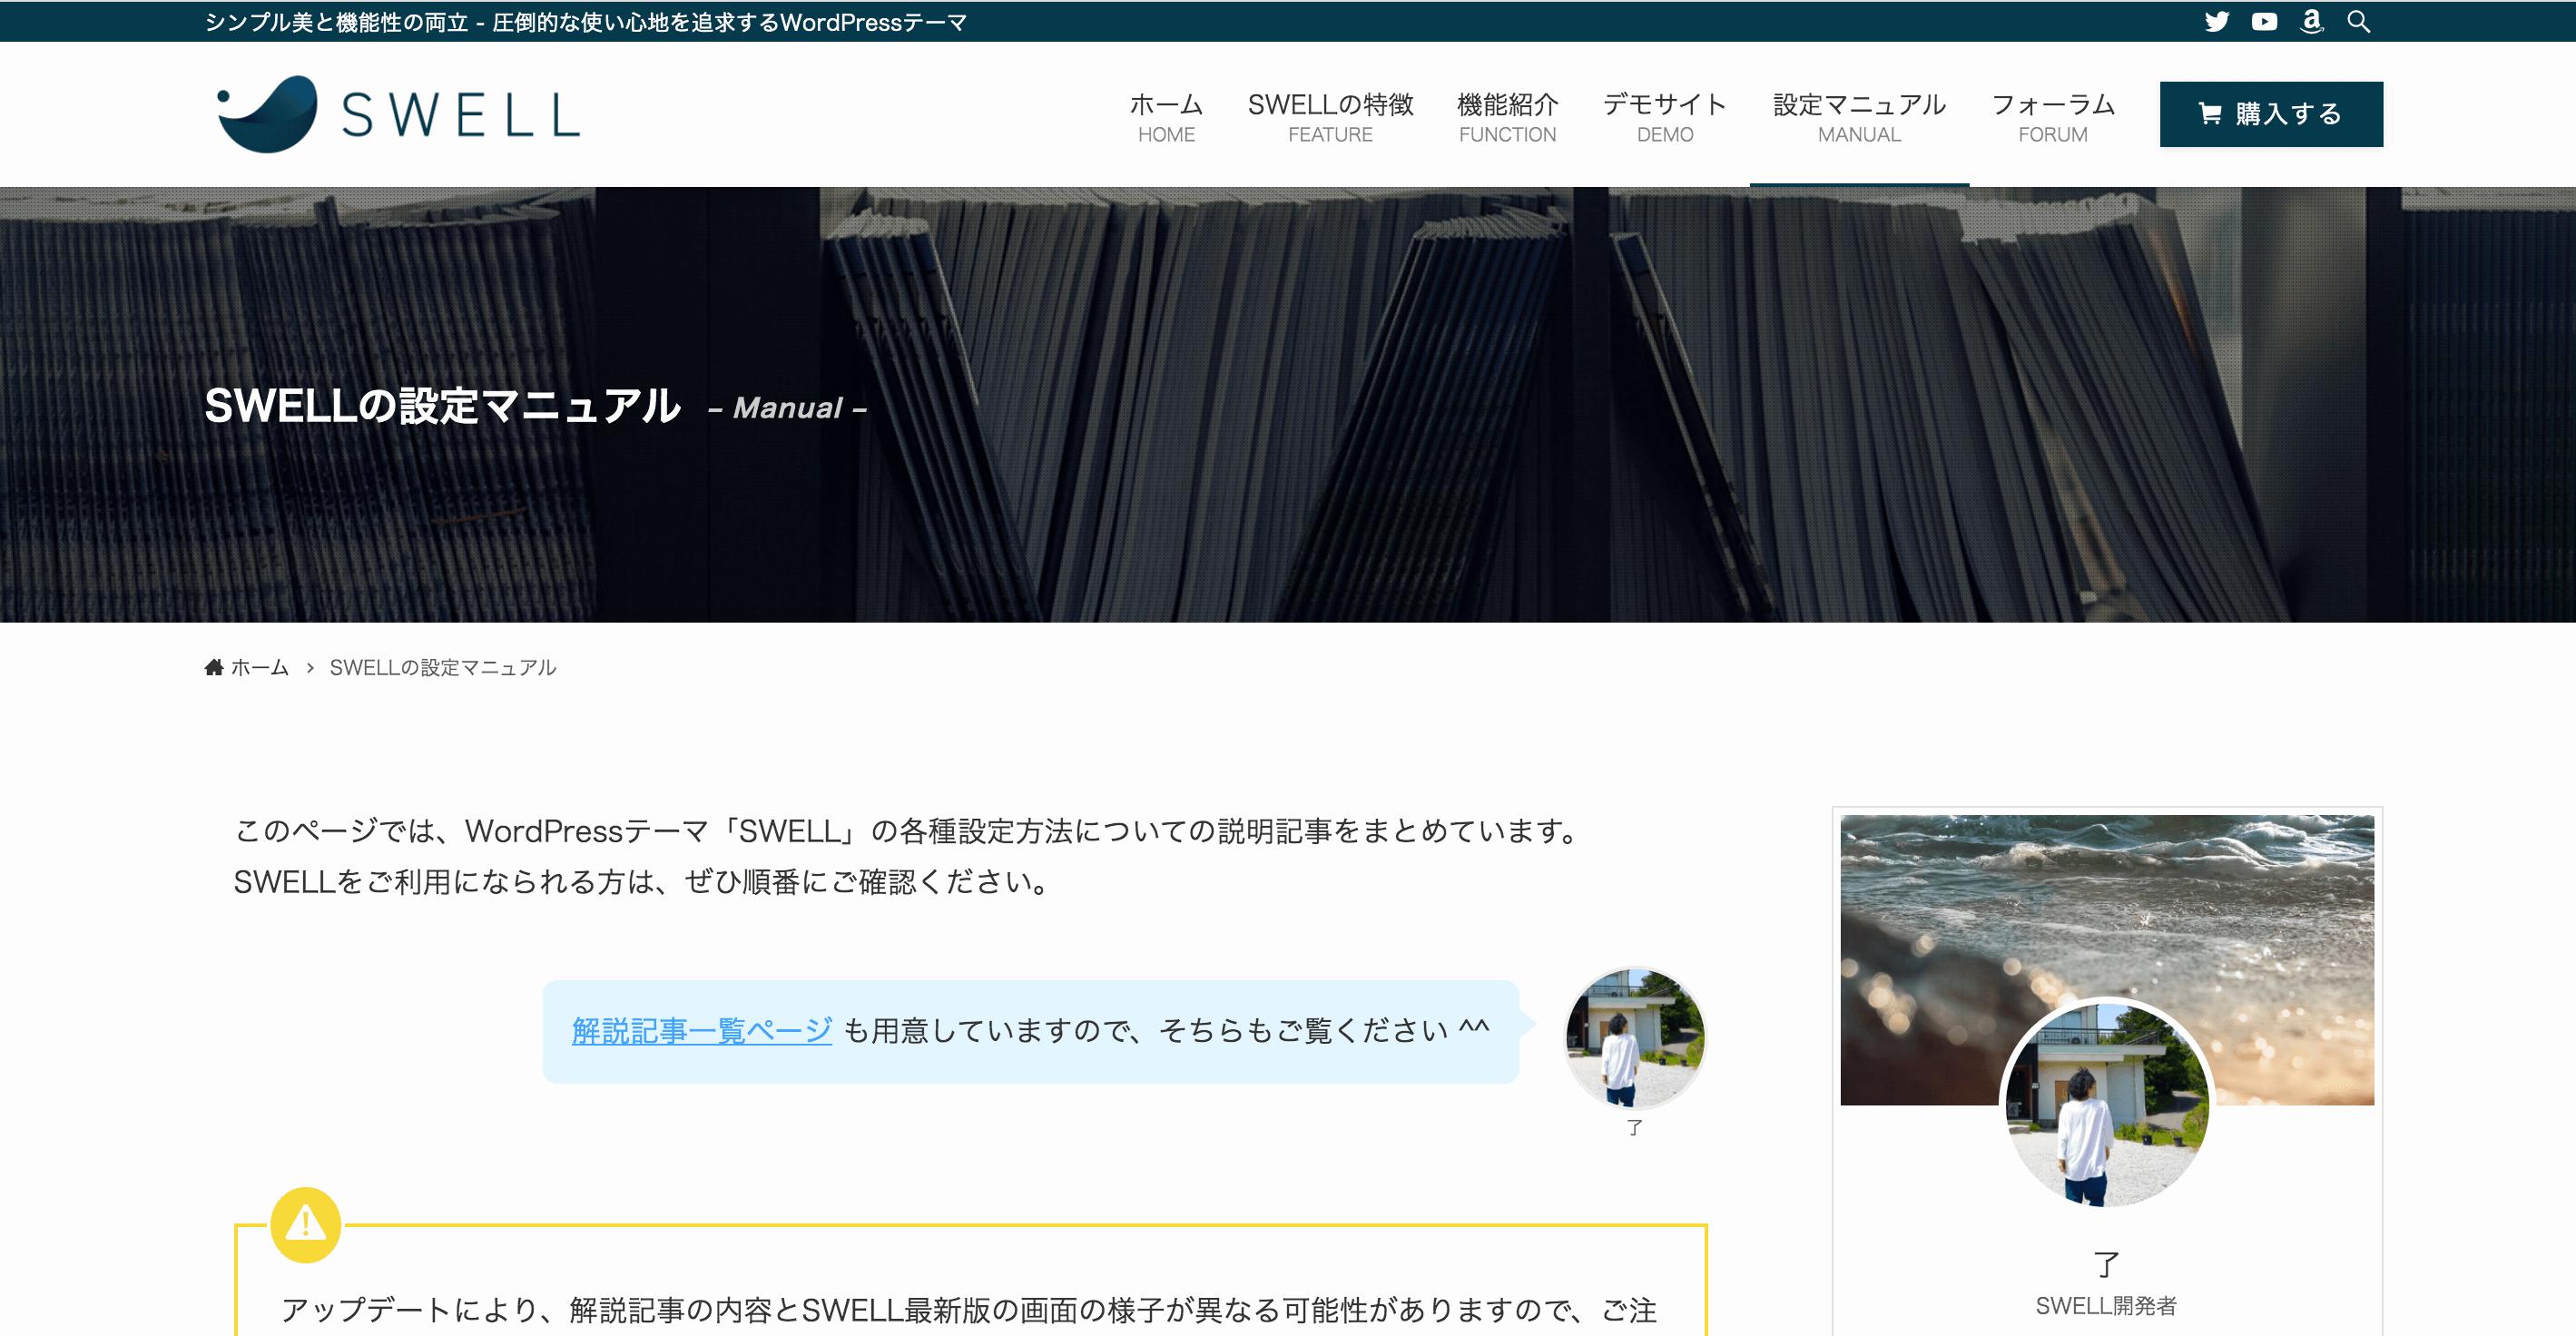 SWELL_設定マニュアル